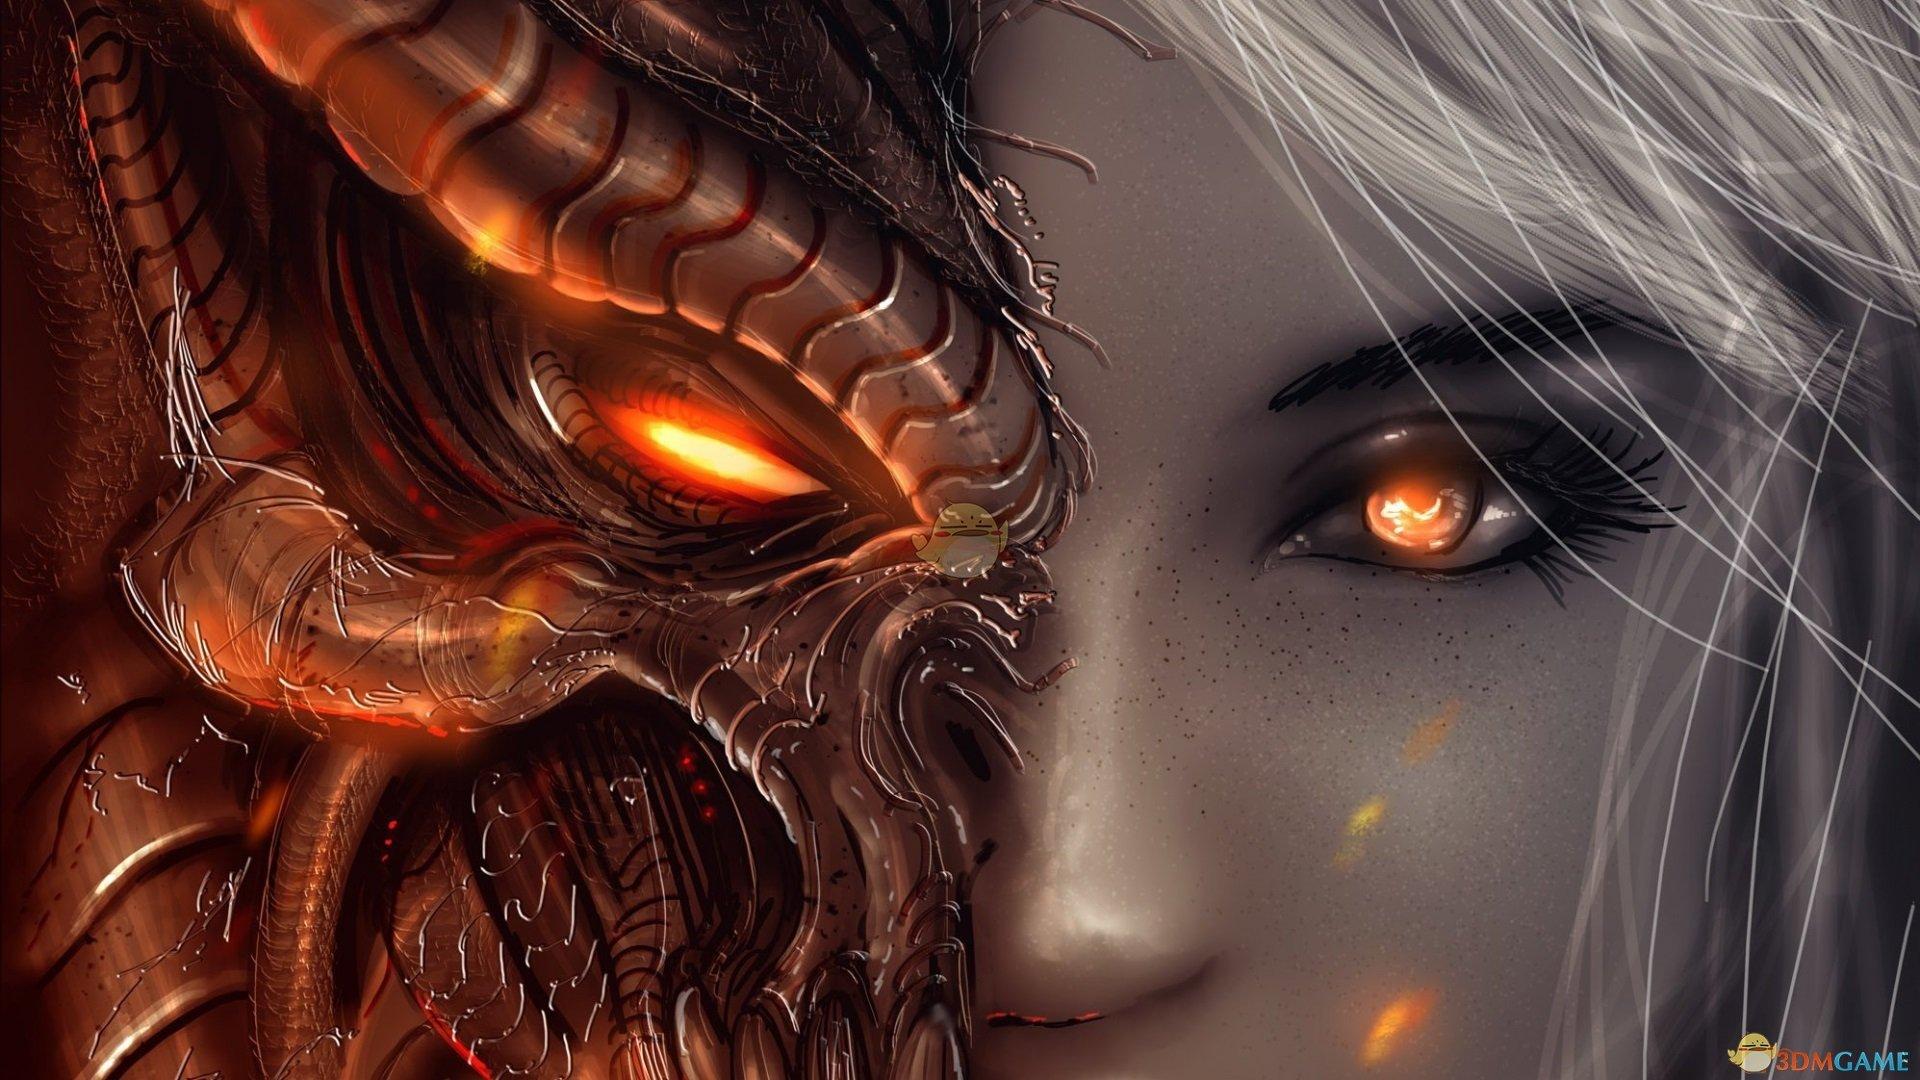 《暗黑破坏神3》死灵法师新套装效果分析